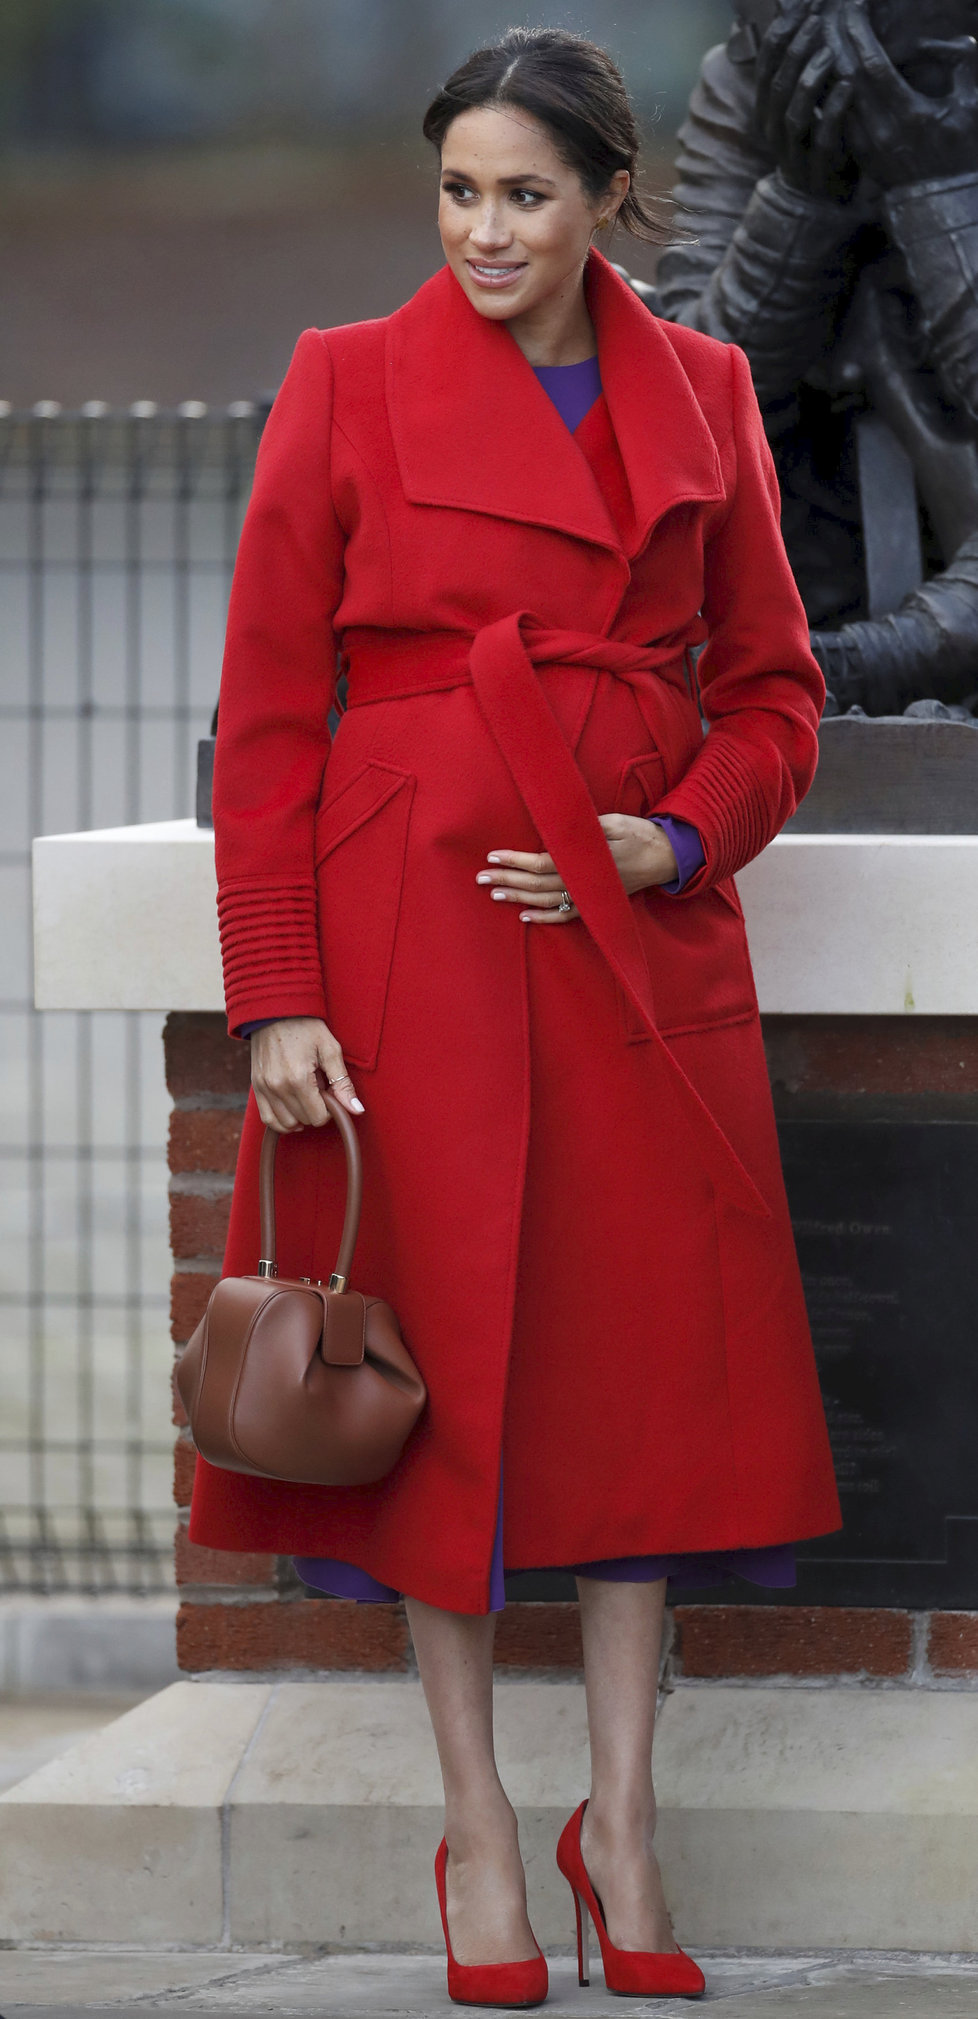 Těhotná Meghan Markle vypadala výborně.